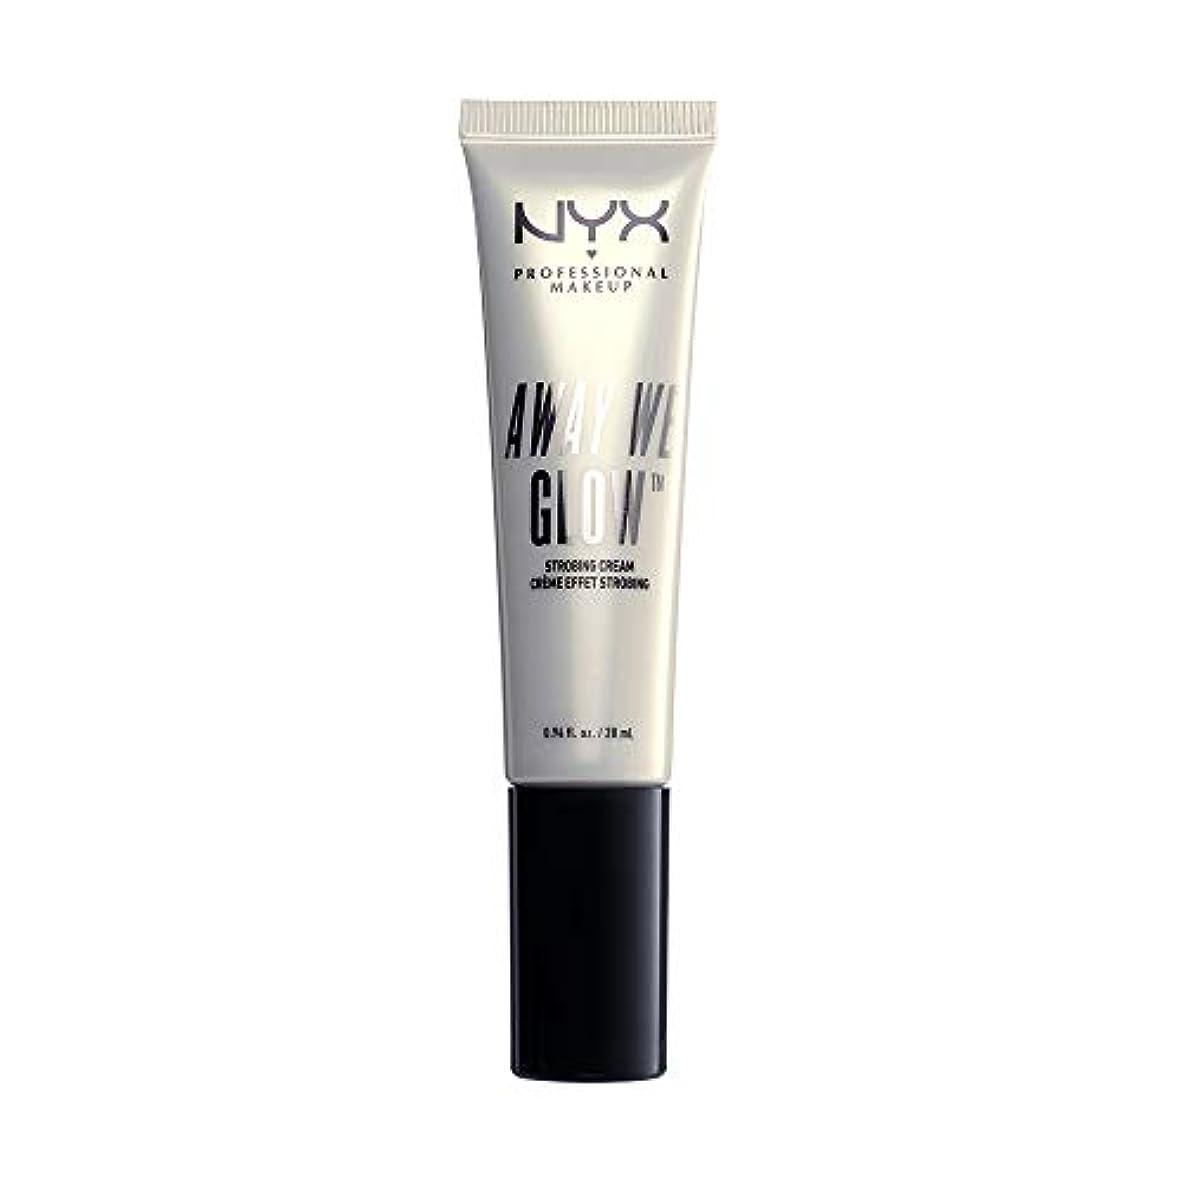 音声回転させる画面NYX(ニックス) アウェイ ウィー グロー ストロビングクリーム 01 カラー ブライト スター